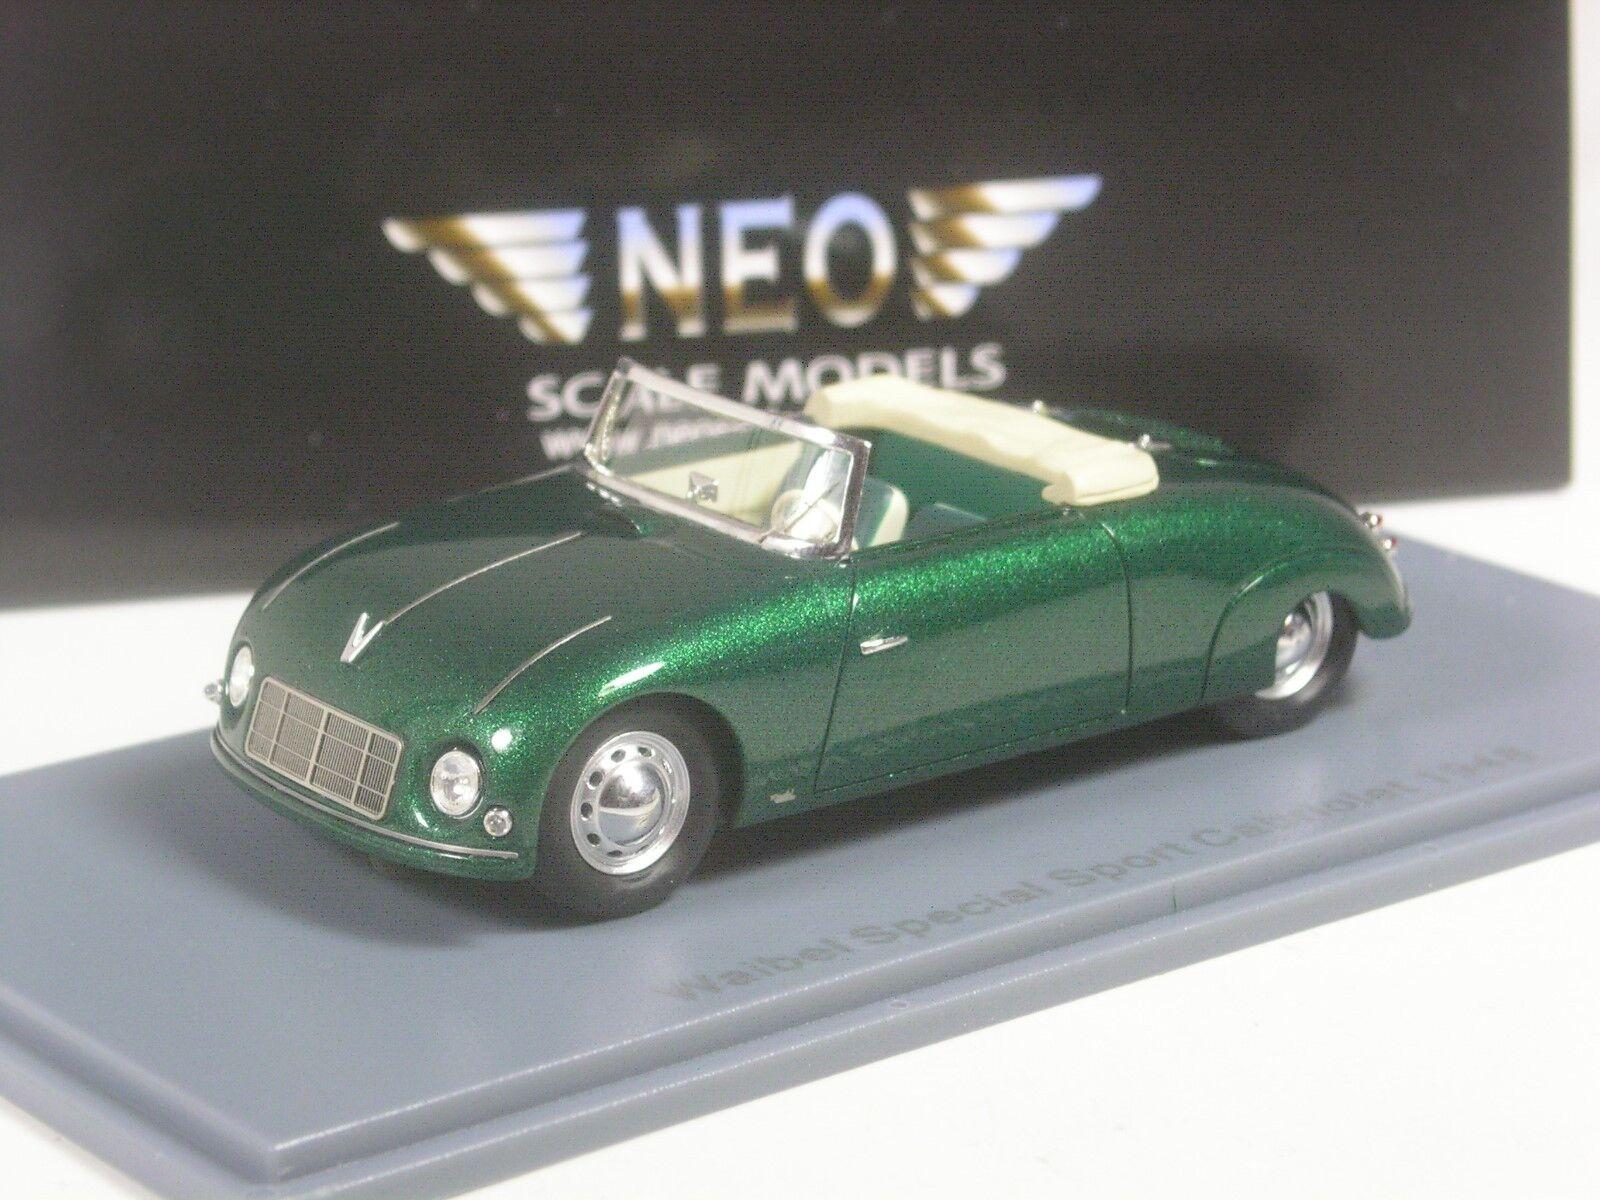 Clase  neo scale models Porsche waibel cabrio 1948 verde verde verde metalizado en 1 43 en OVP 507cea